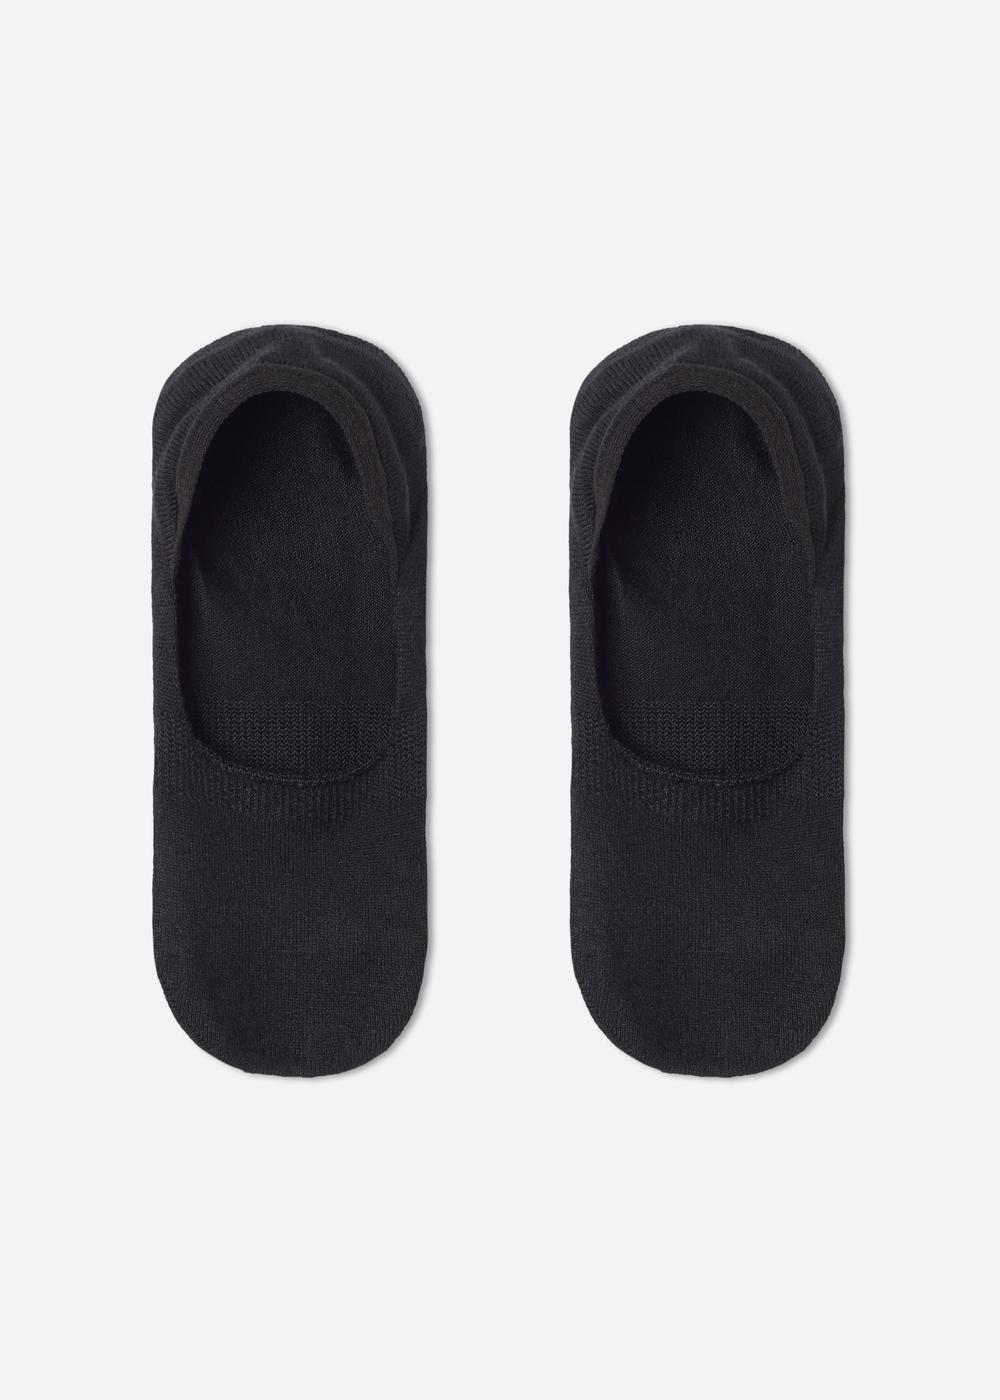 Stretch Cashmere No-Show Socks